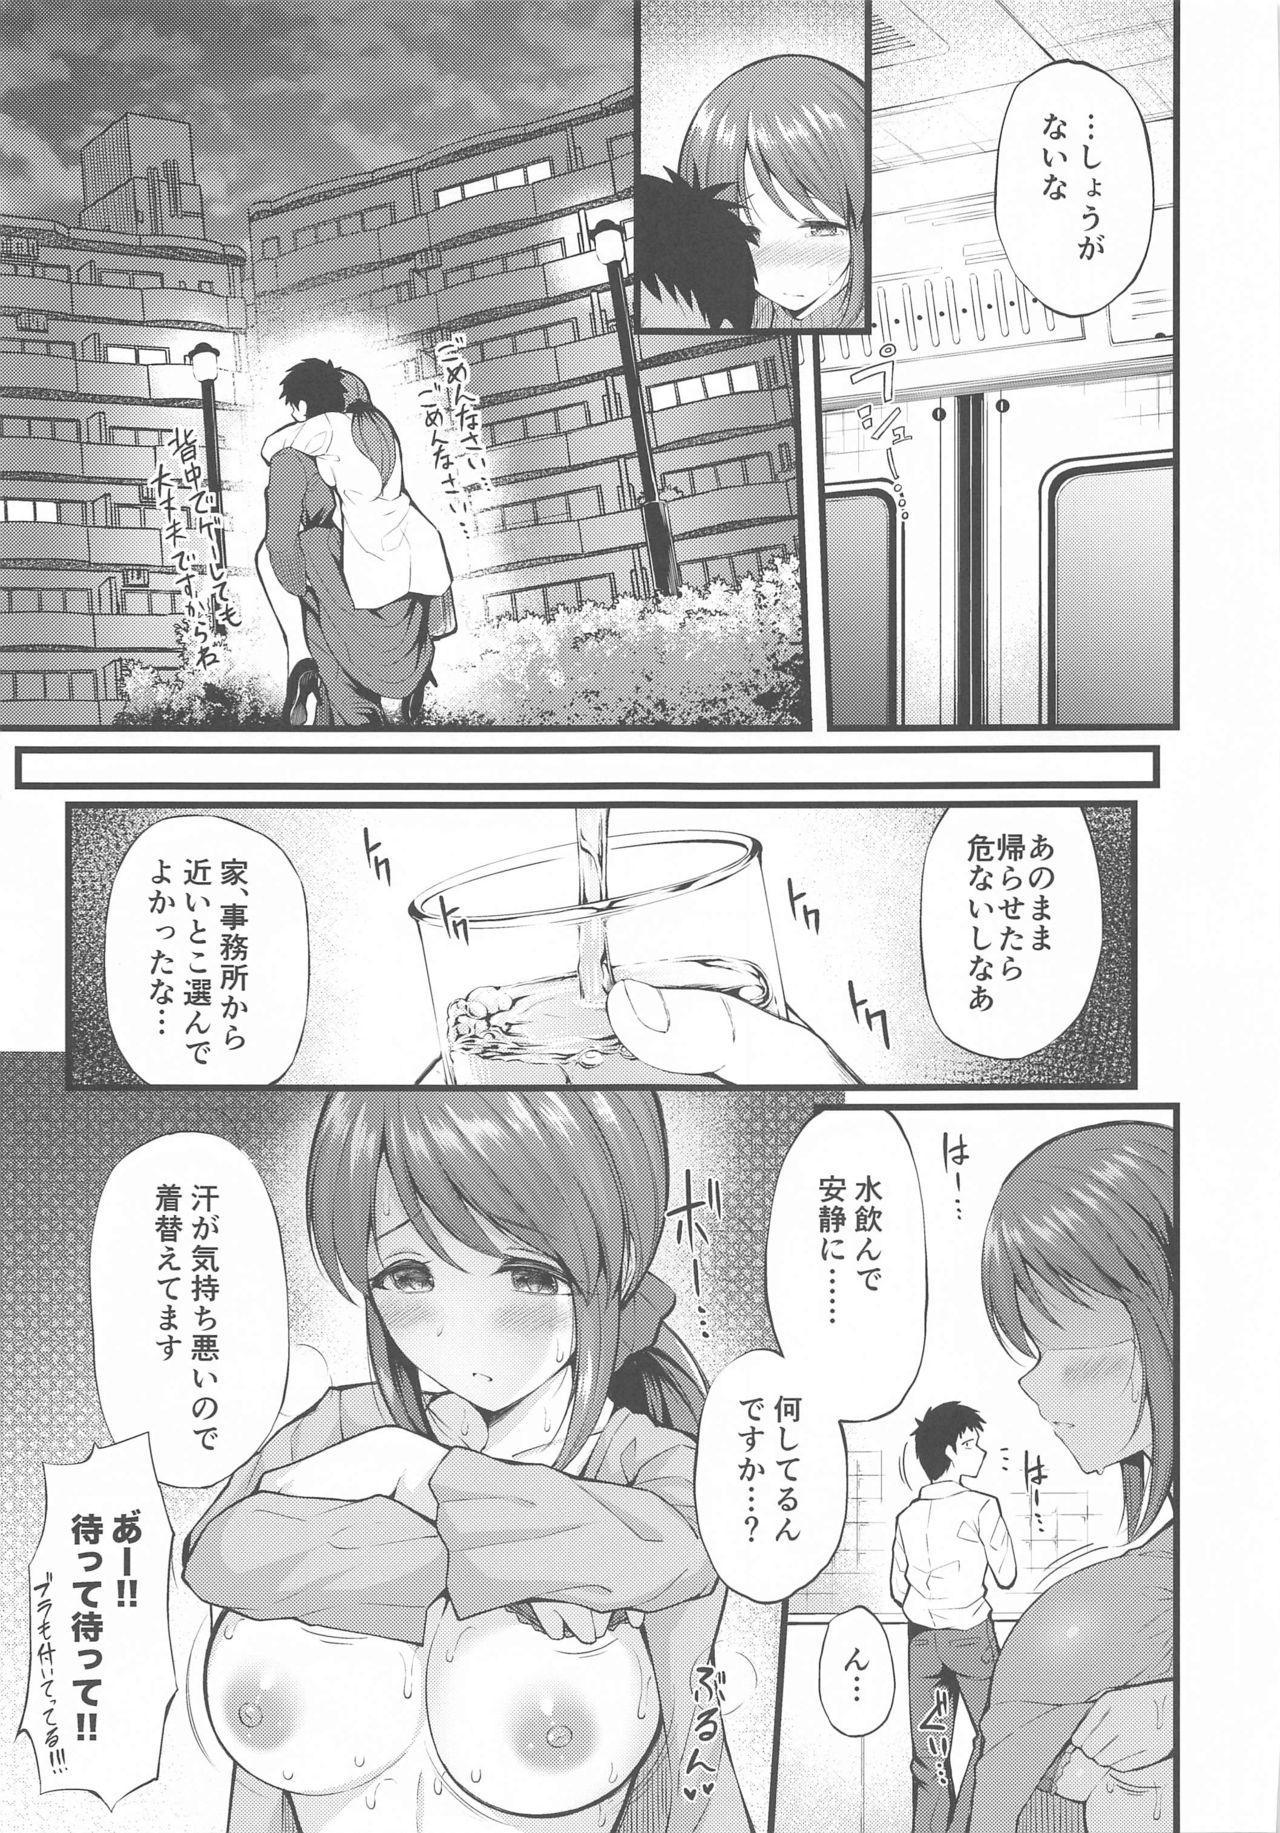 Sake ga Mawatta Mifune-san to Ecchi na Koto Suru Hon 3